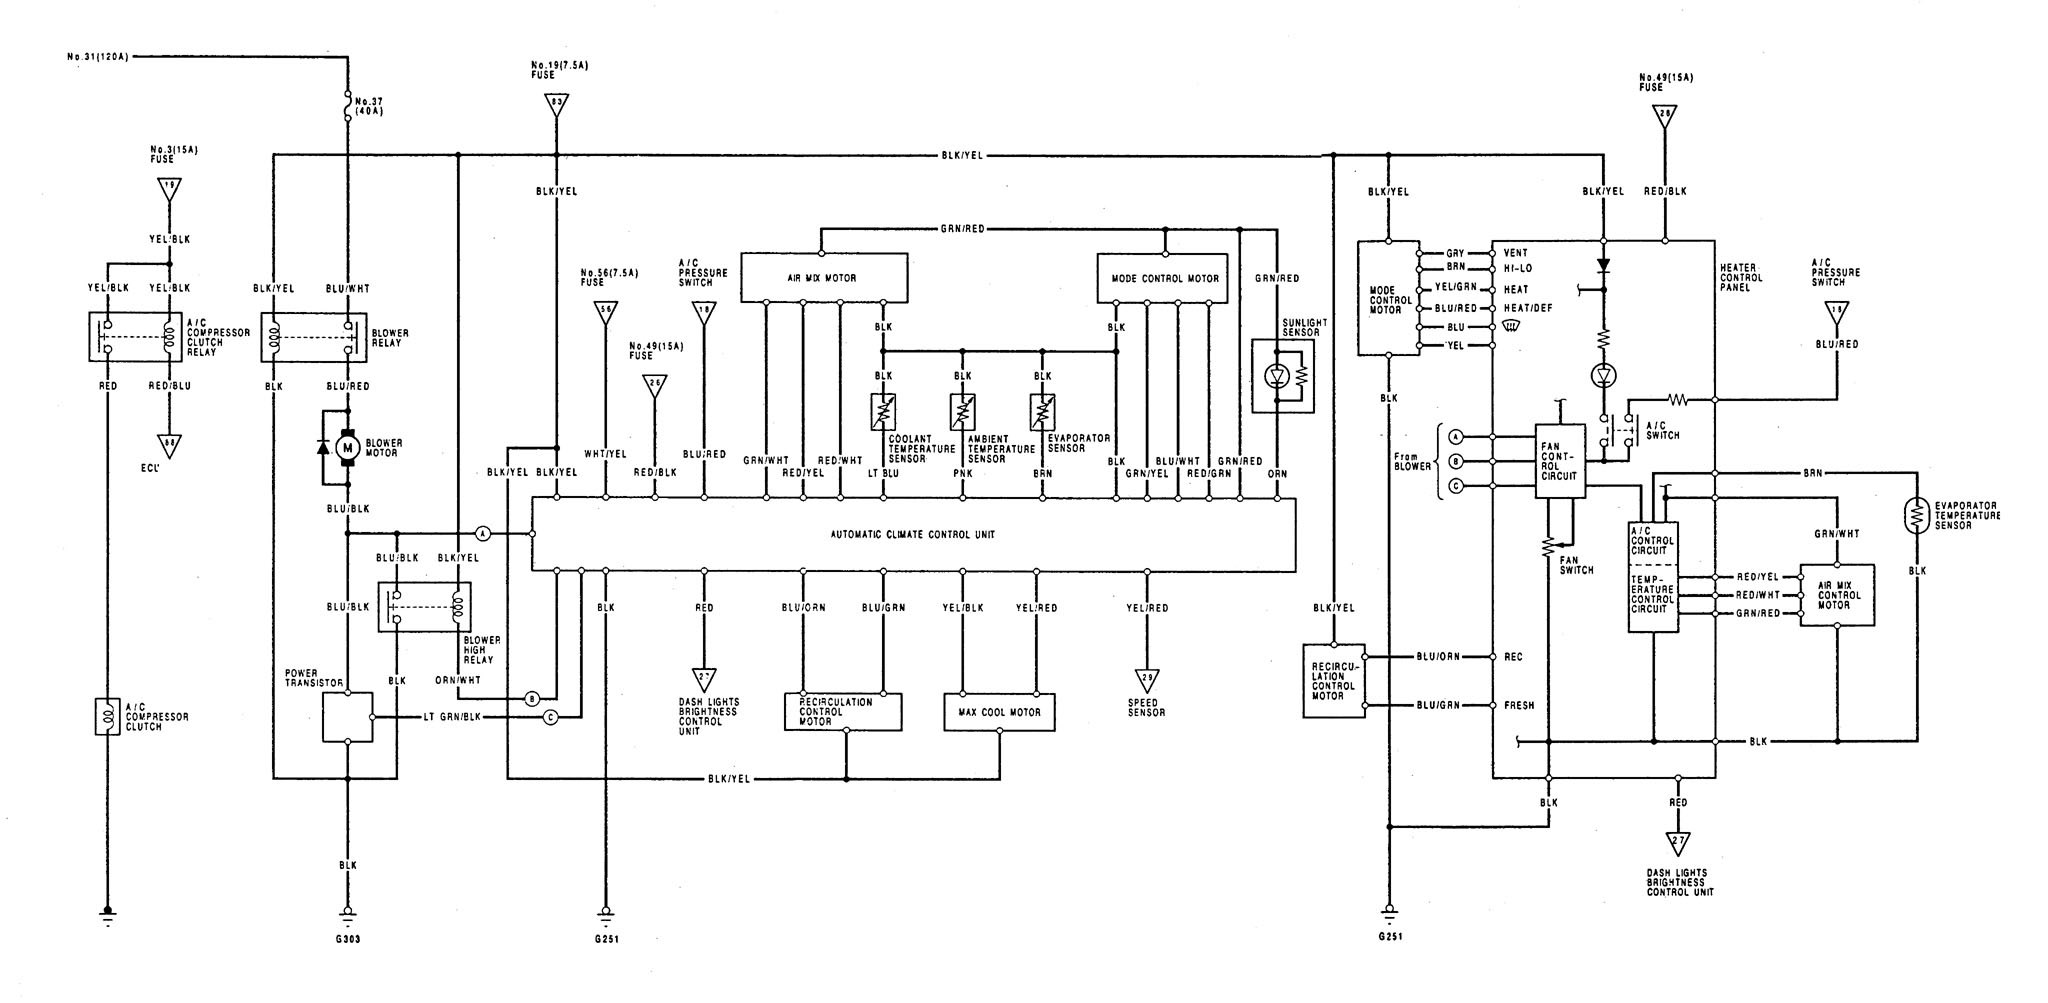 acura legend  1992  - wiring diagram - hvac controls